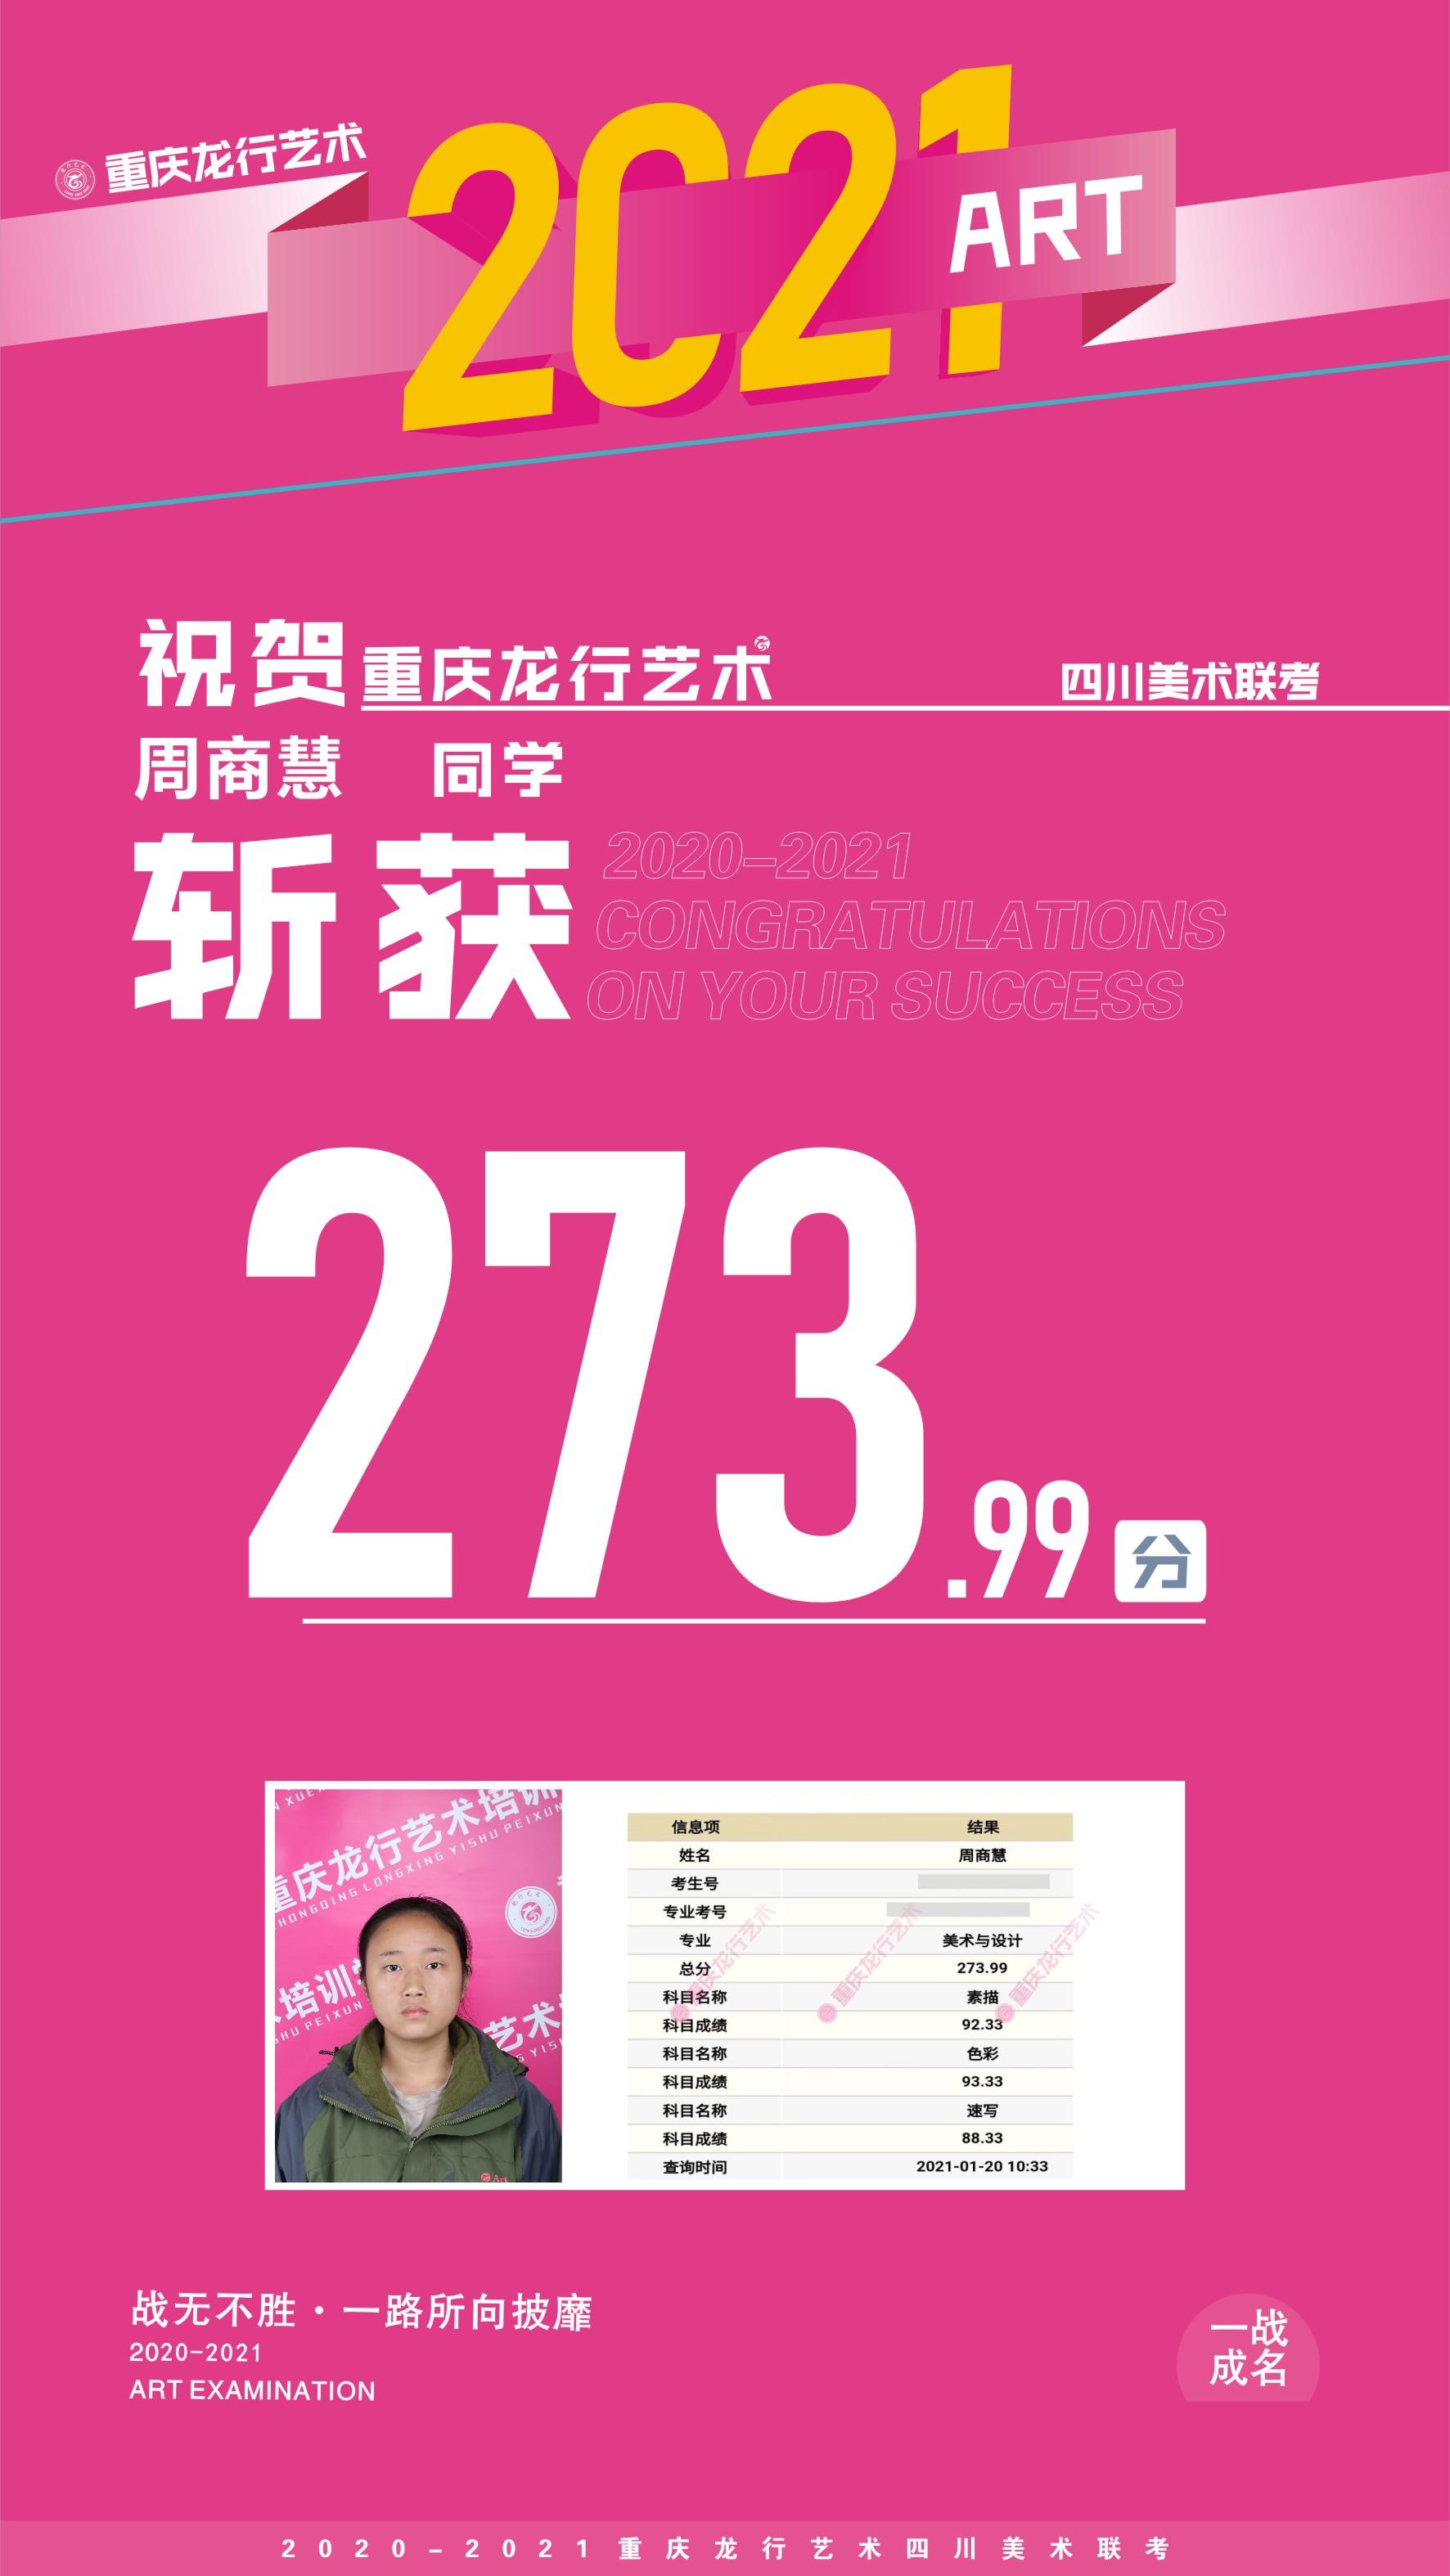 重庆龙行艺术画室优秀学员一周商灰